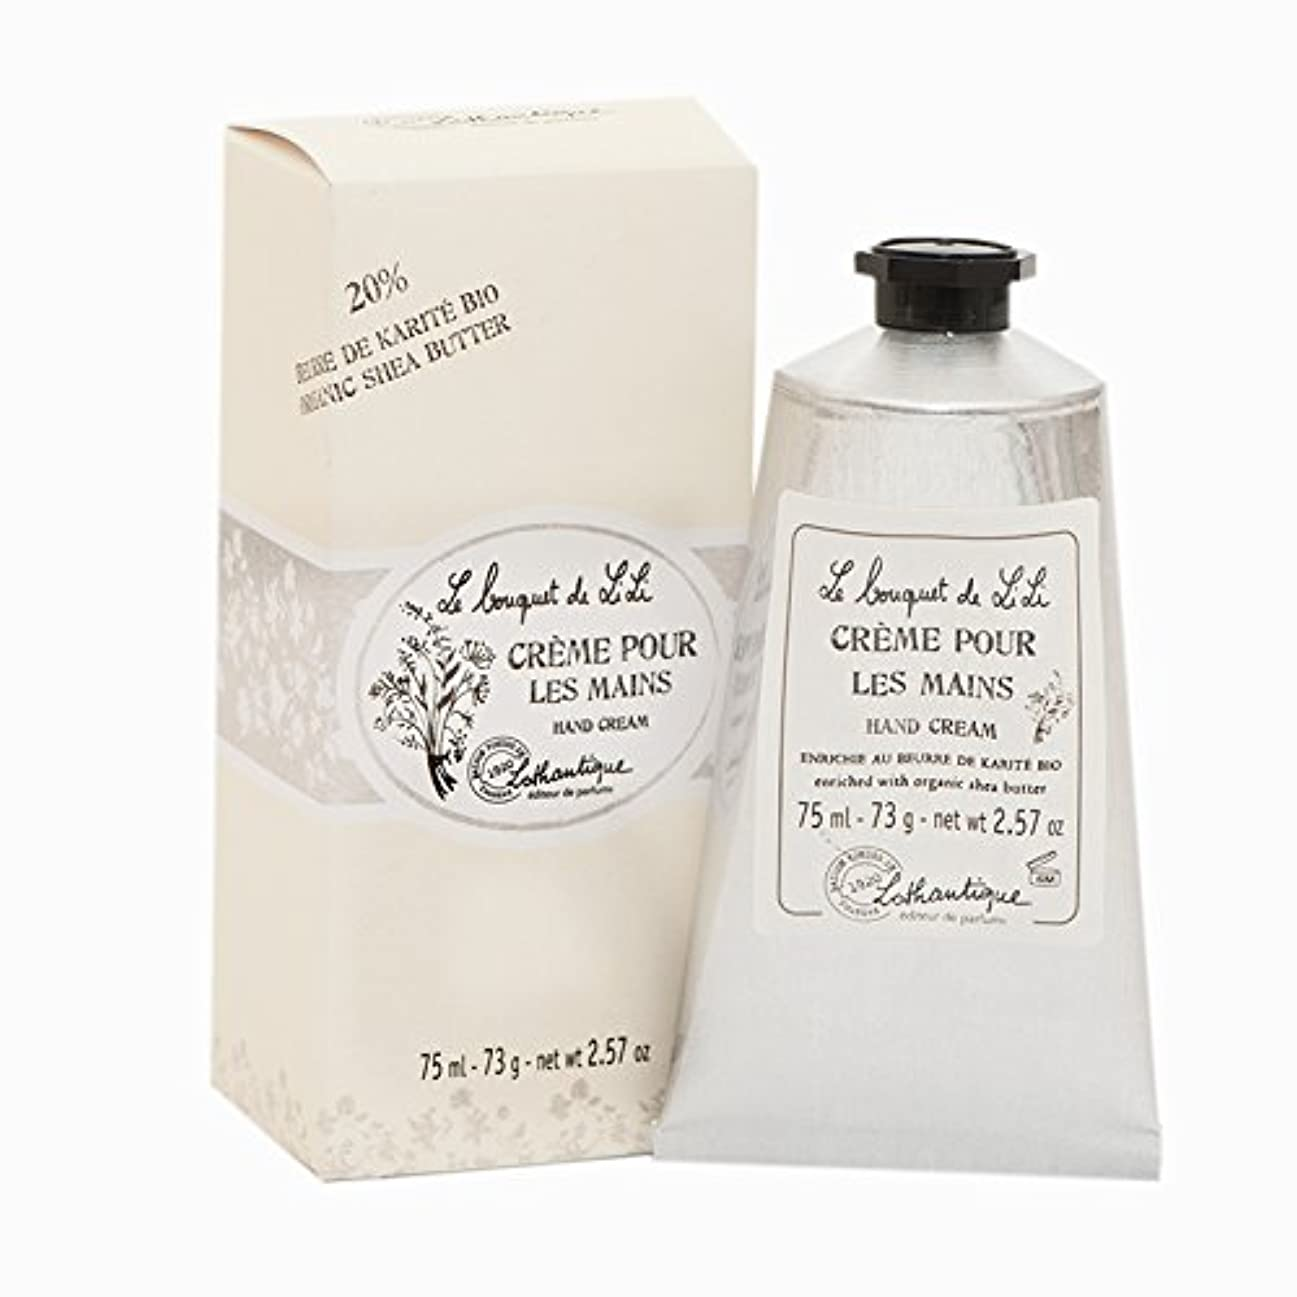 信頼エッセンス交じるLothantique(ロタンティック) Le bouquet de LiLi(ブーケドゥリリシリーズ) ハンドクリーム 75ml 3420070029096